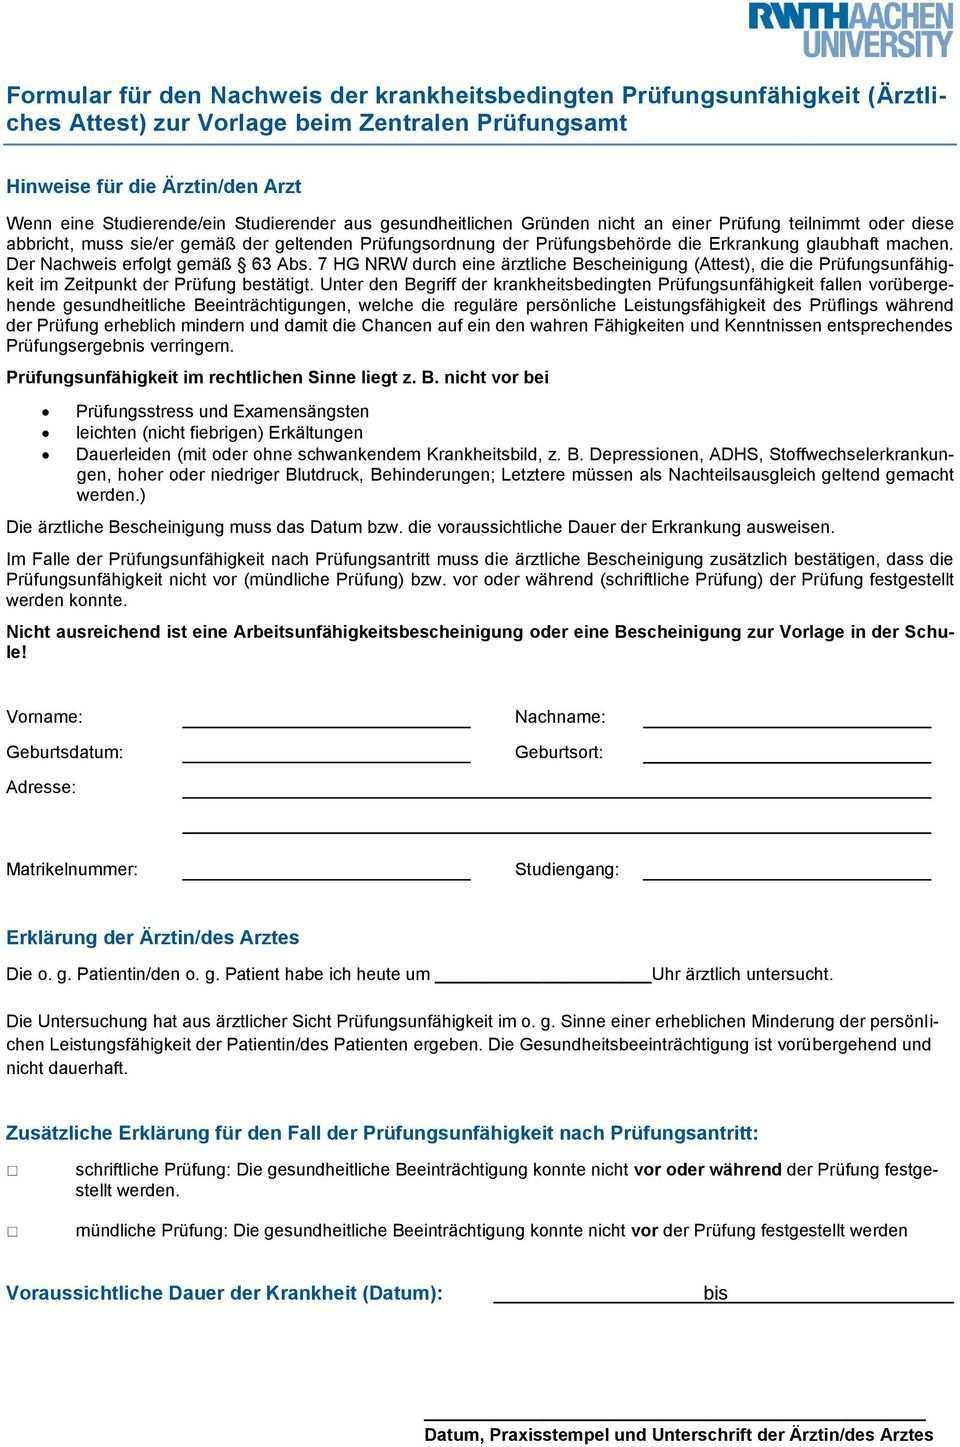 Krankheitsbedingte Prufungsunfahigkeit Im Rahmen Des Handbuchs Fur Studium Und Lehre Pdf Free Download